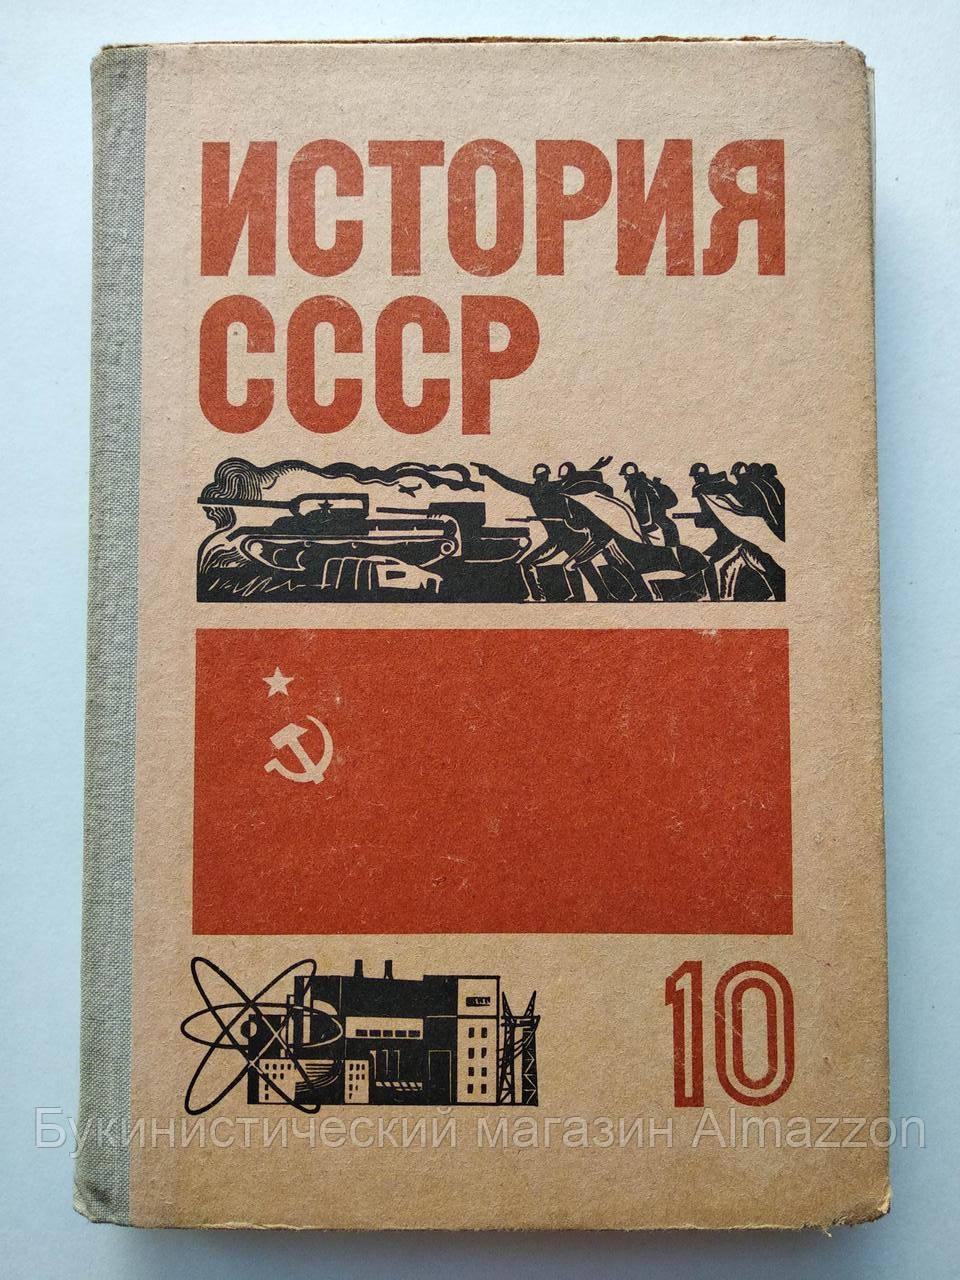 Історія СРСР. Підручник для 10 класу. М. П. Кім